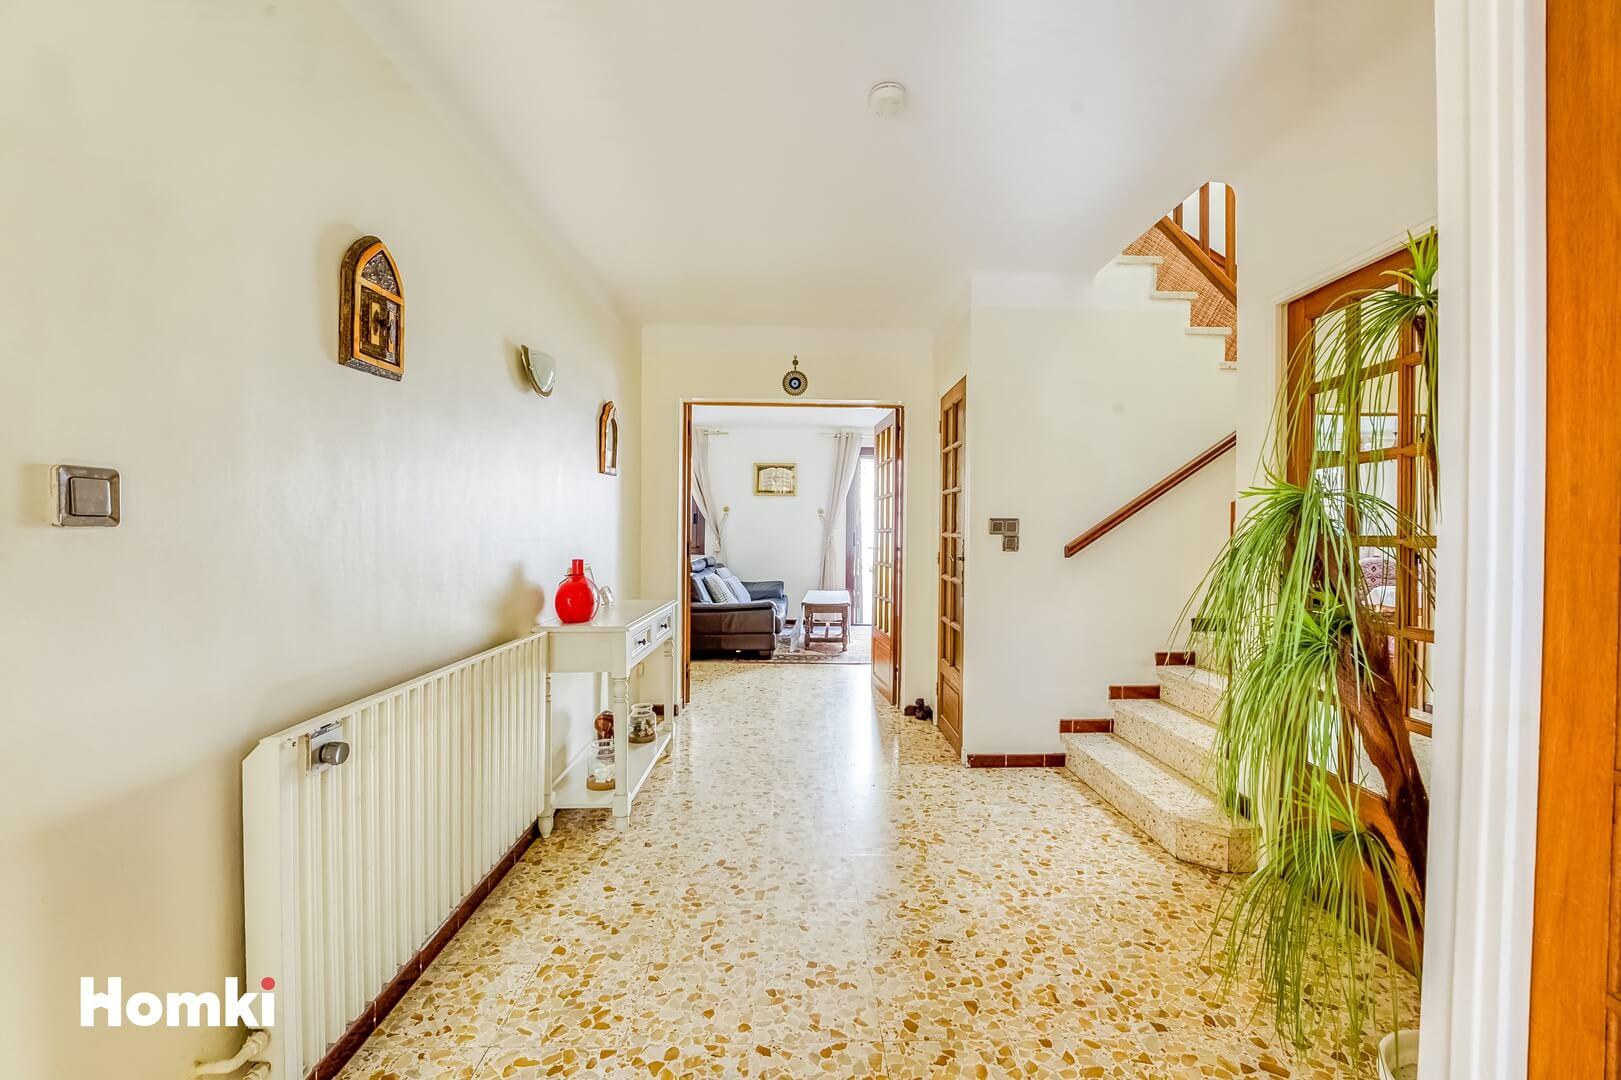 Homki - Vente Maison/villa  de 140.0 m² à Marseille 13014